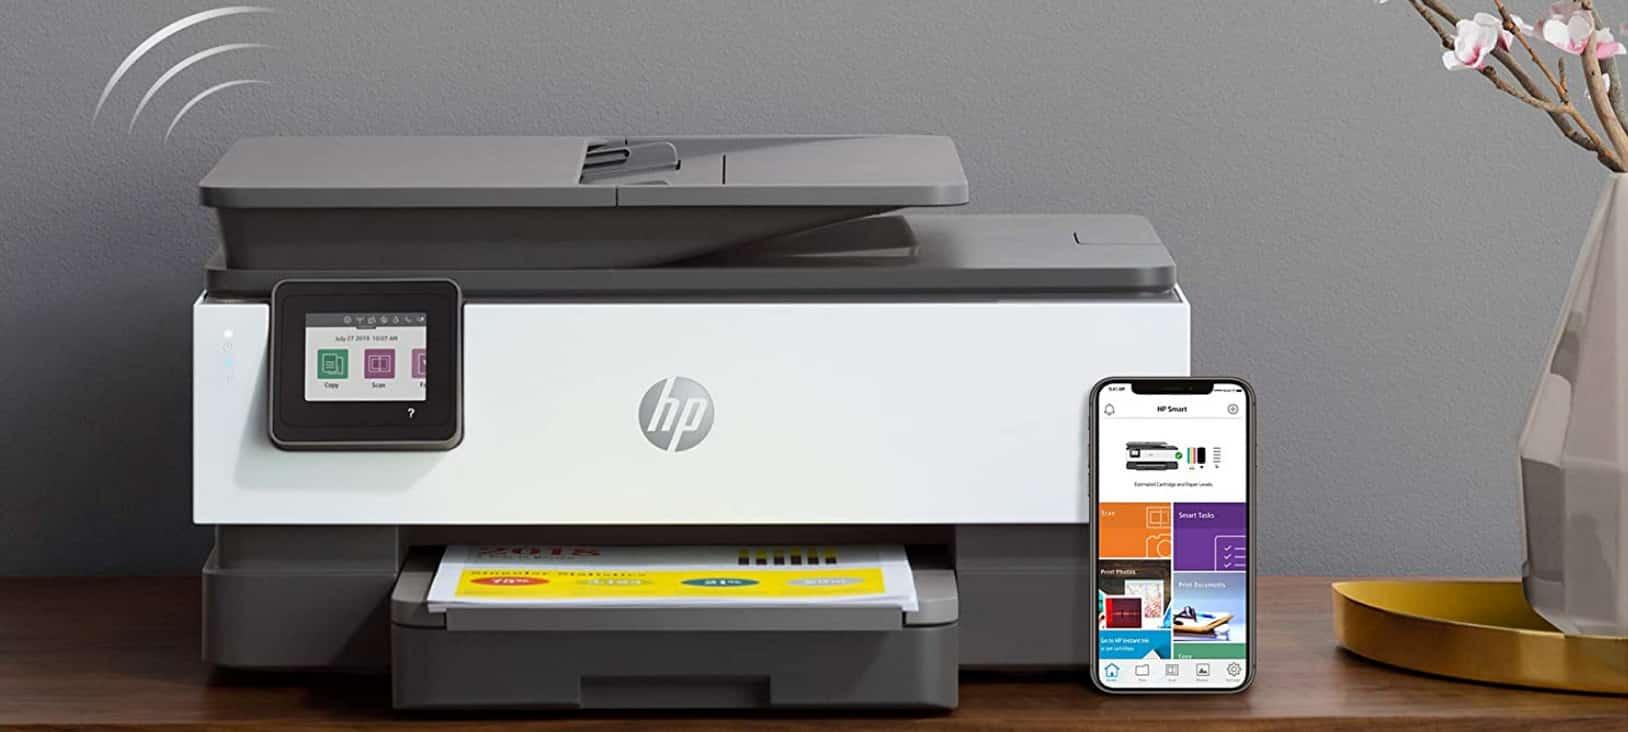 Comparatif pour choisir la meilleure imprimante HP wifi